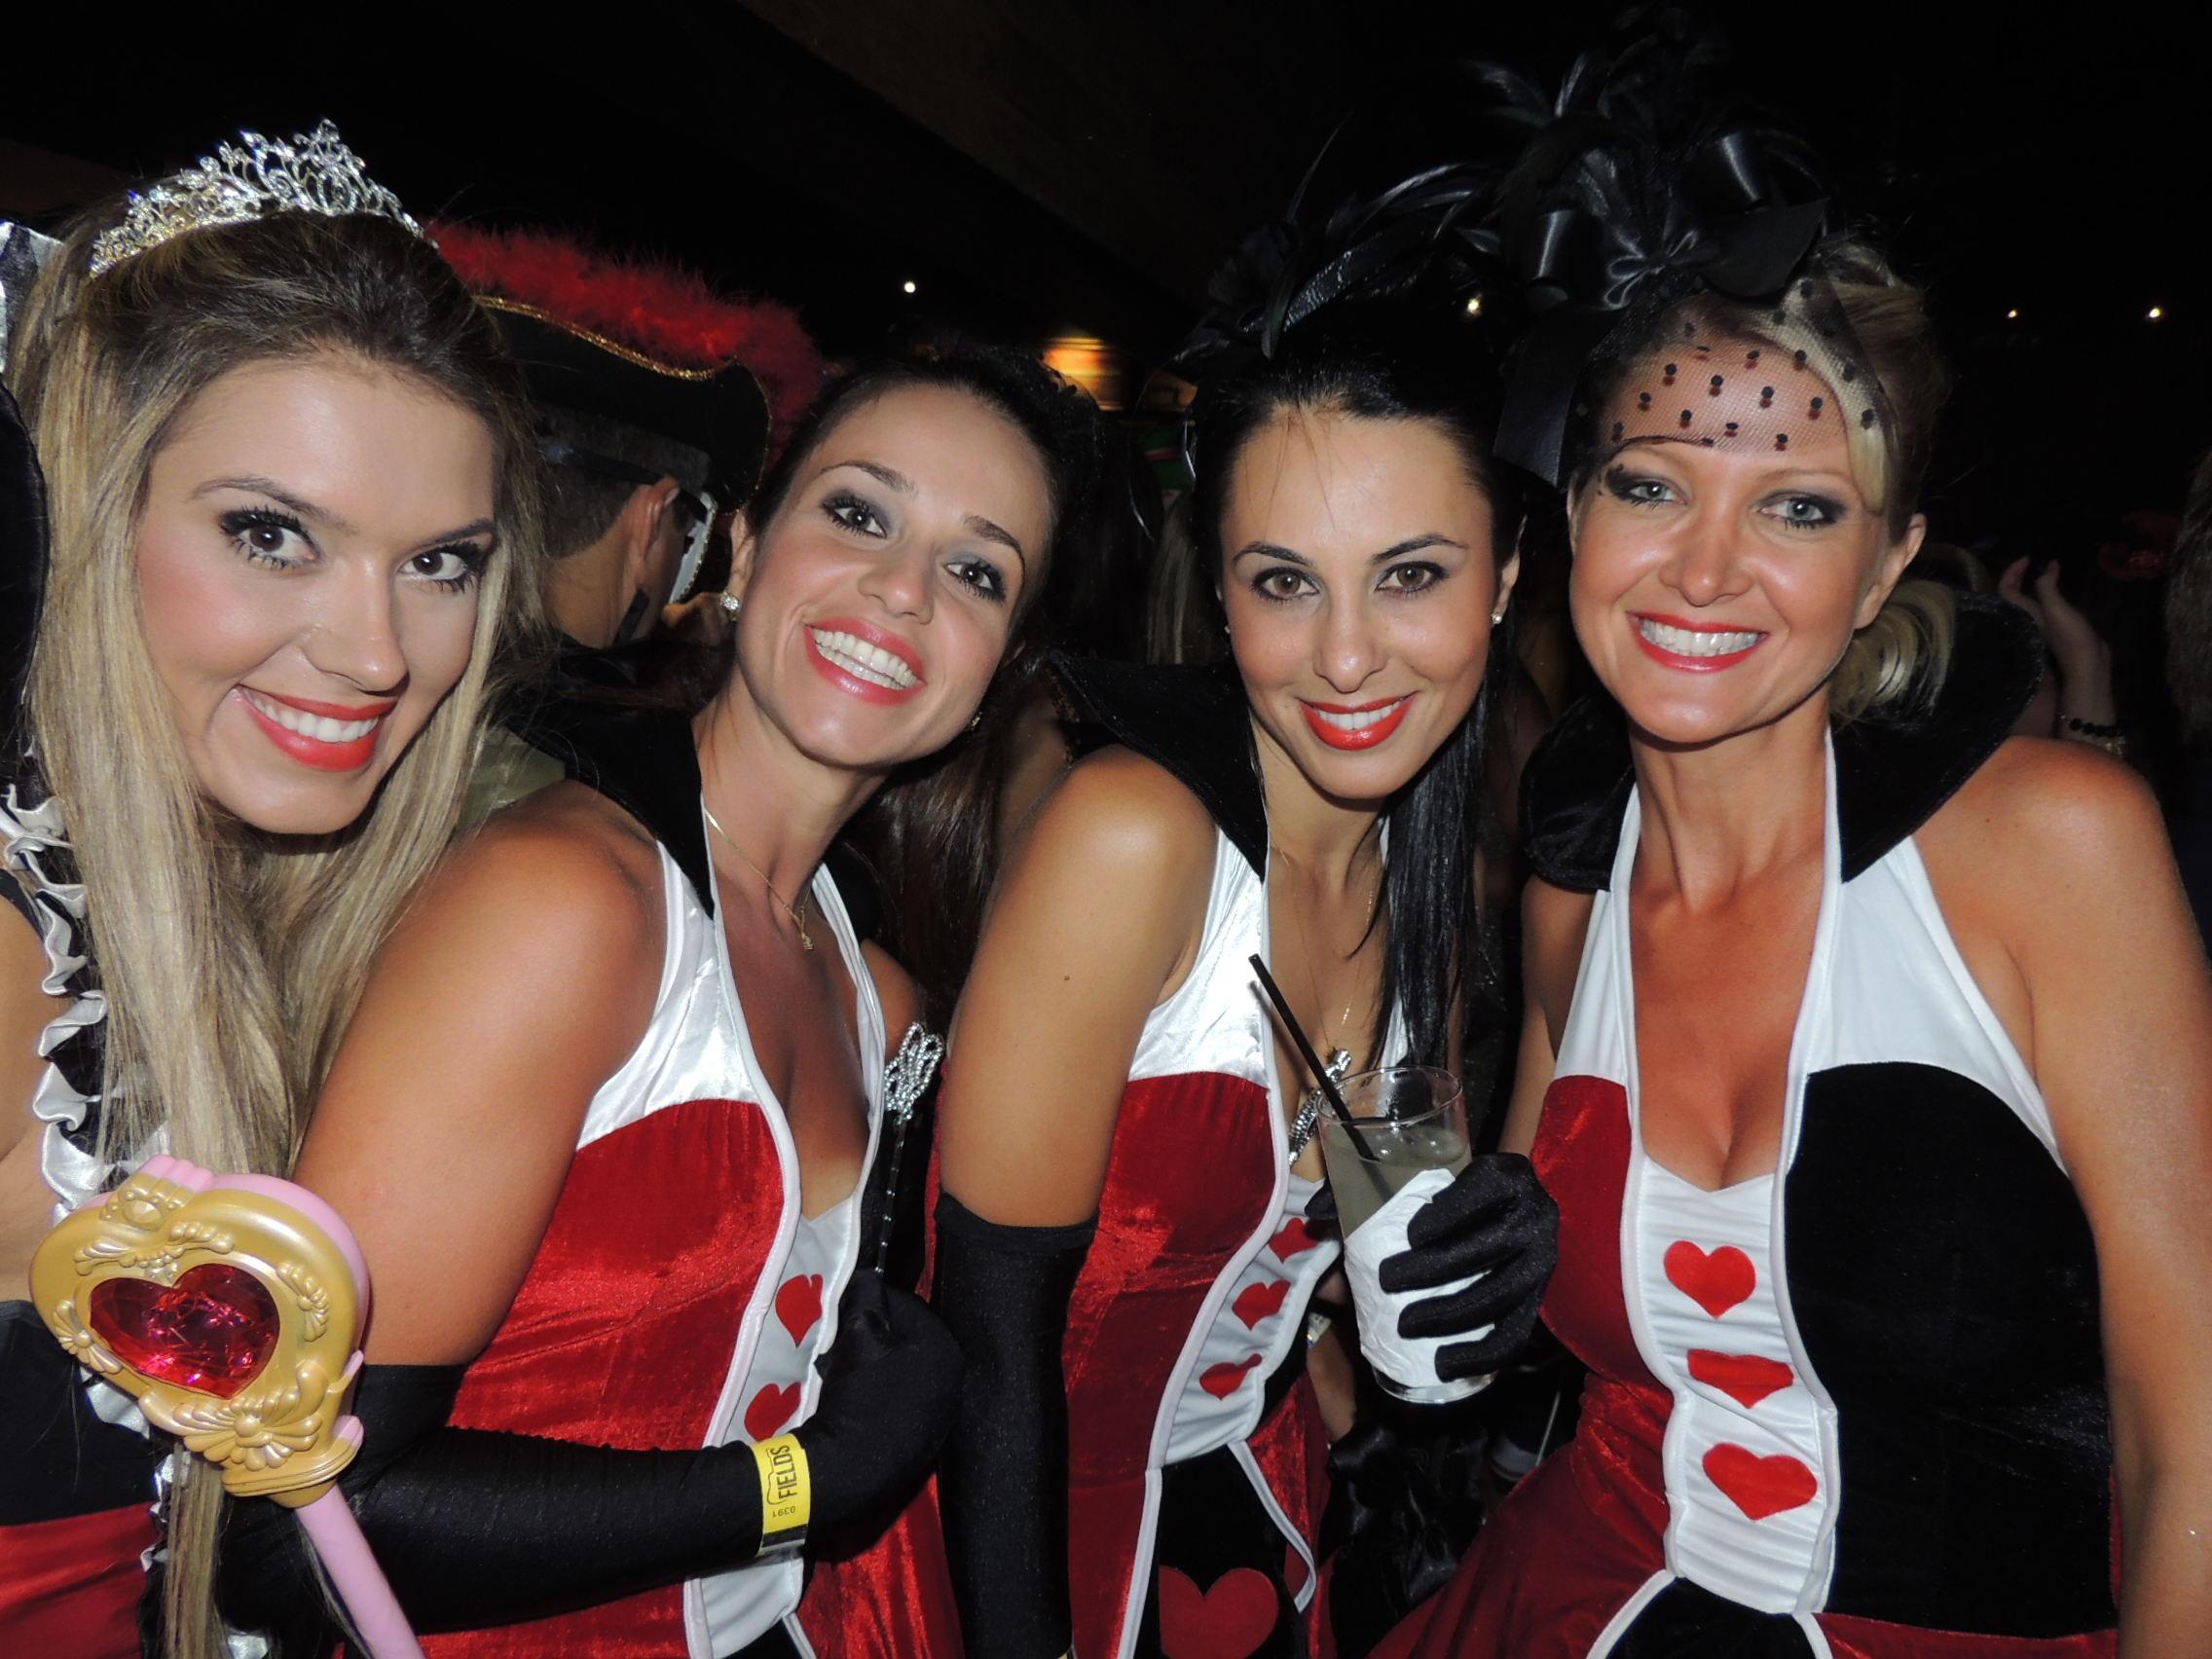 12/2/2013 - Beldades curtem festa sertaneja durante carnaval em Florianópolis